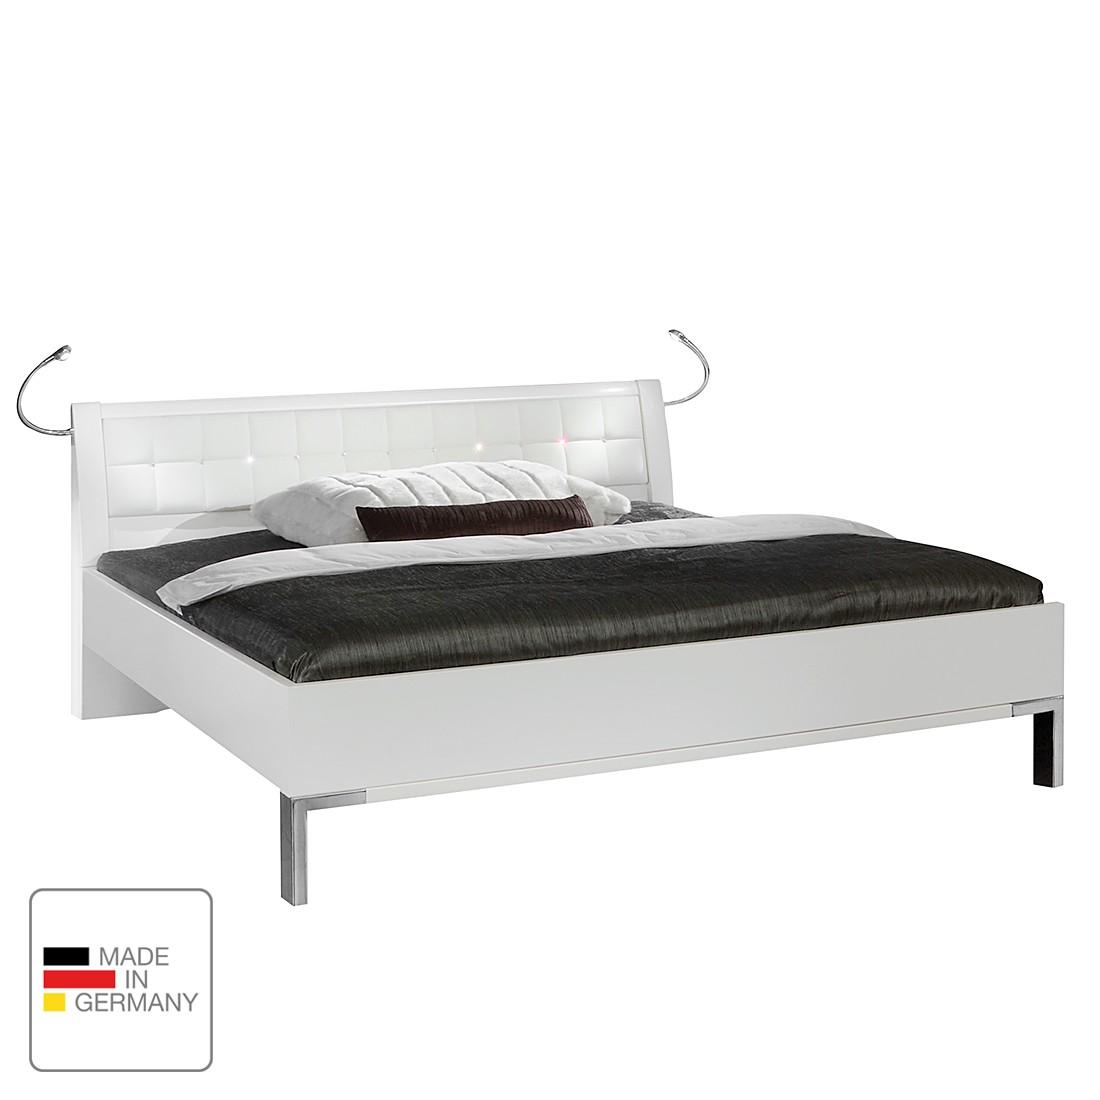 goedkoop energie A+ Bed Dubai II alpinewit 180 x 190cm Met verlichting Wiemann